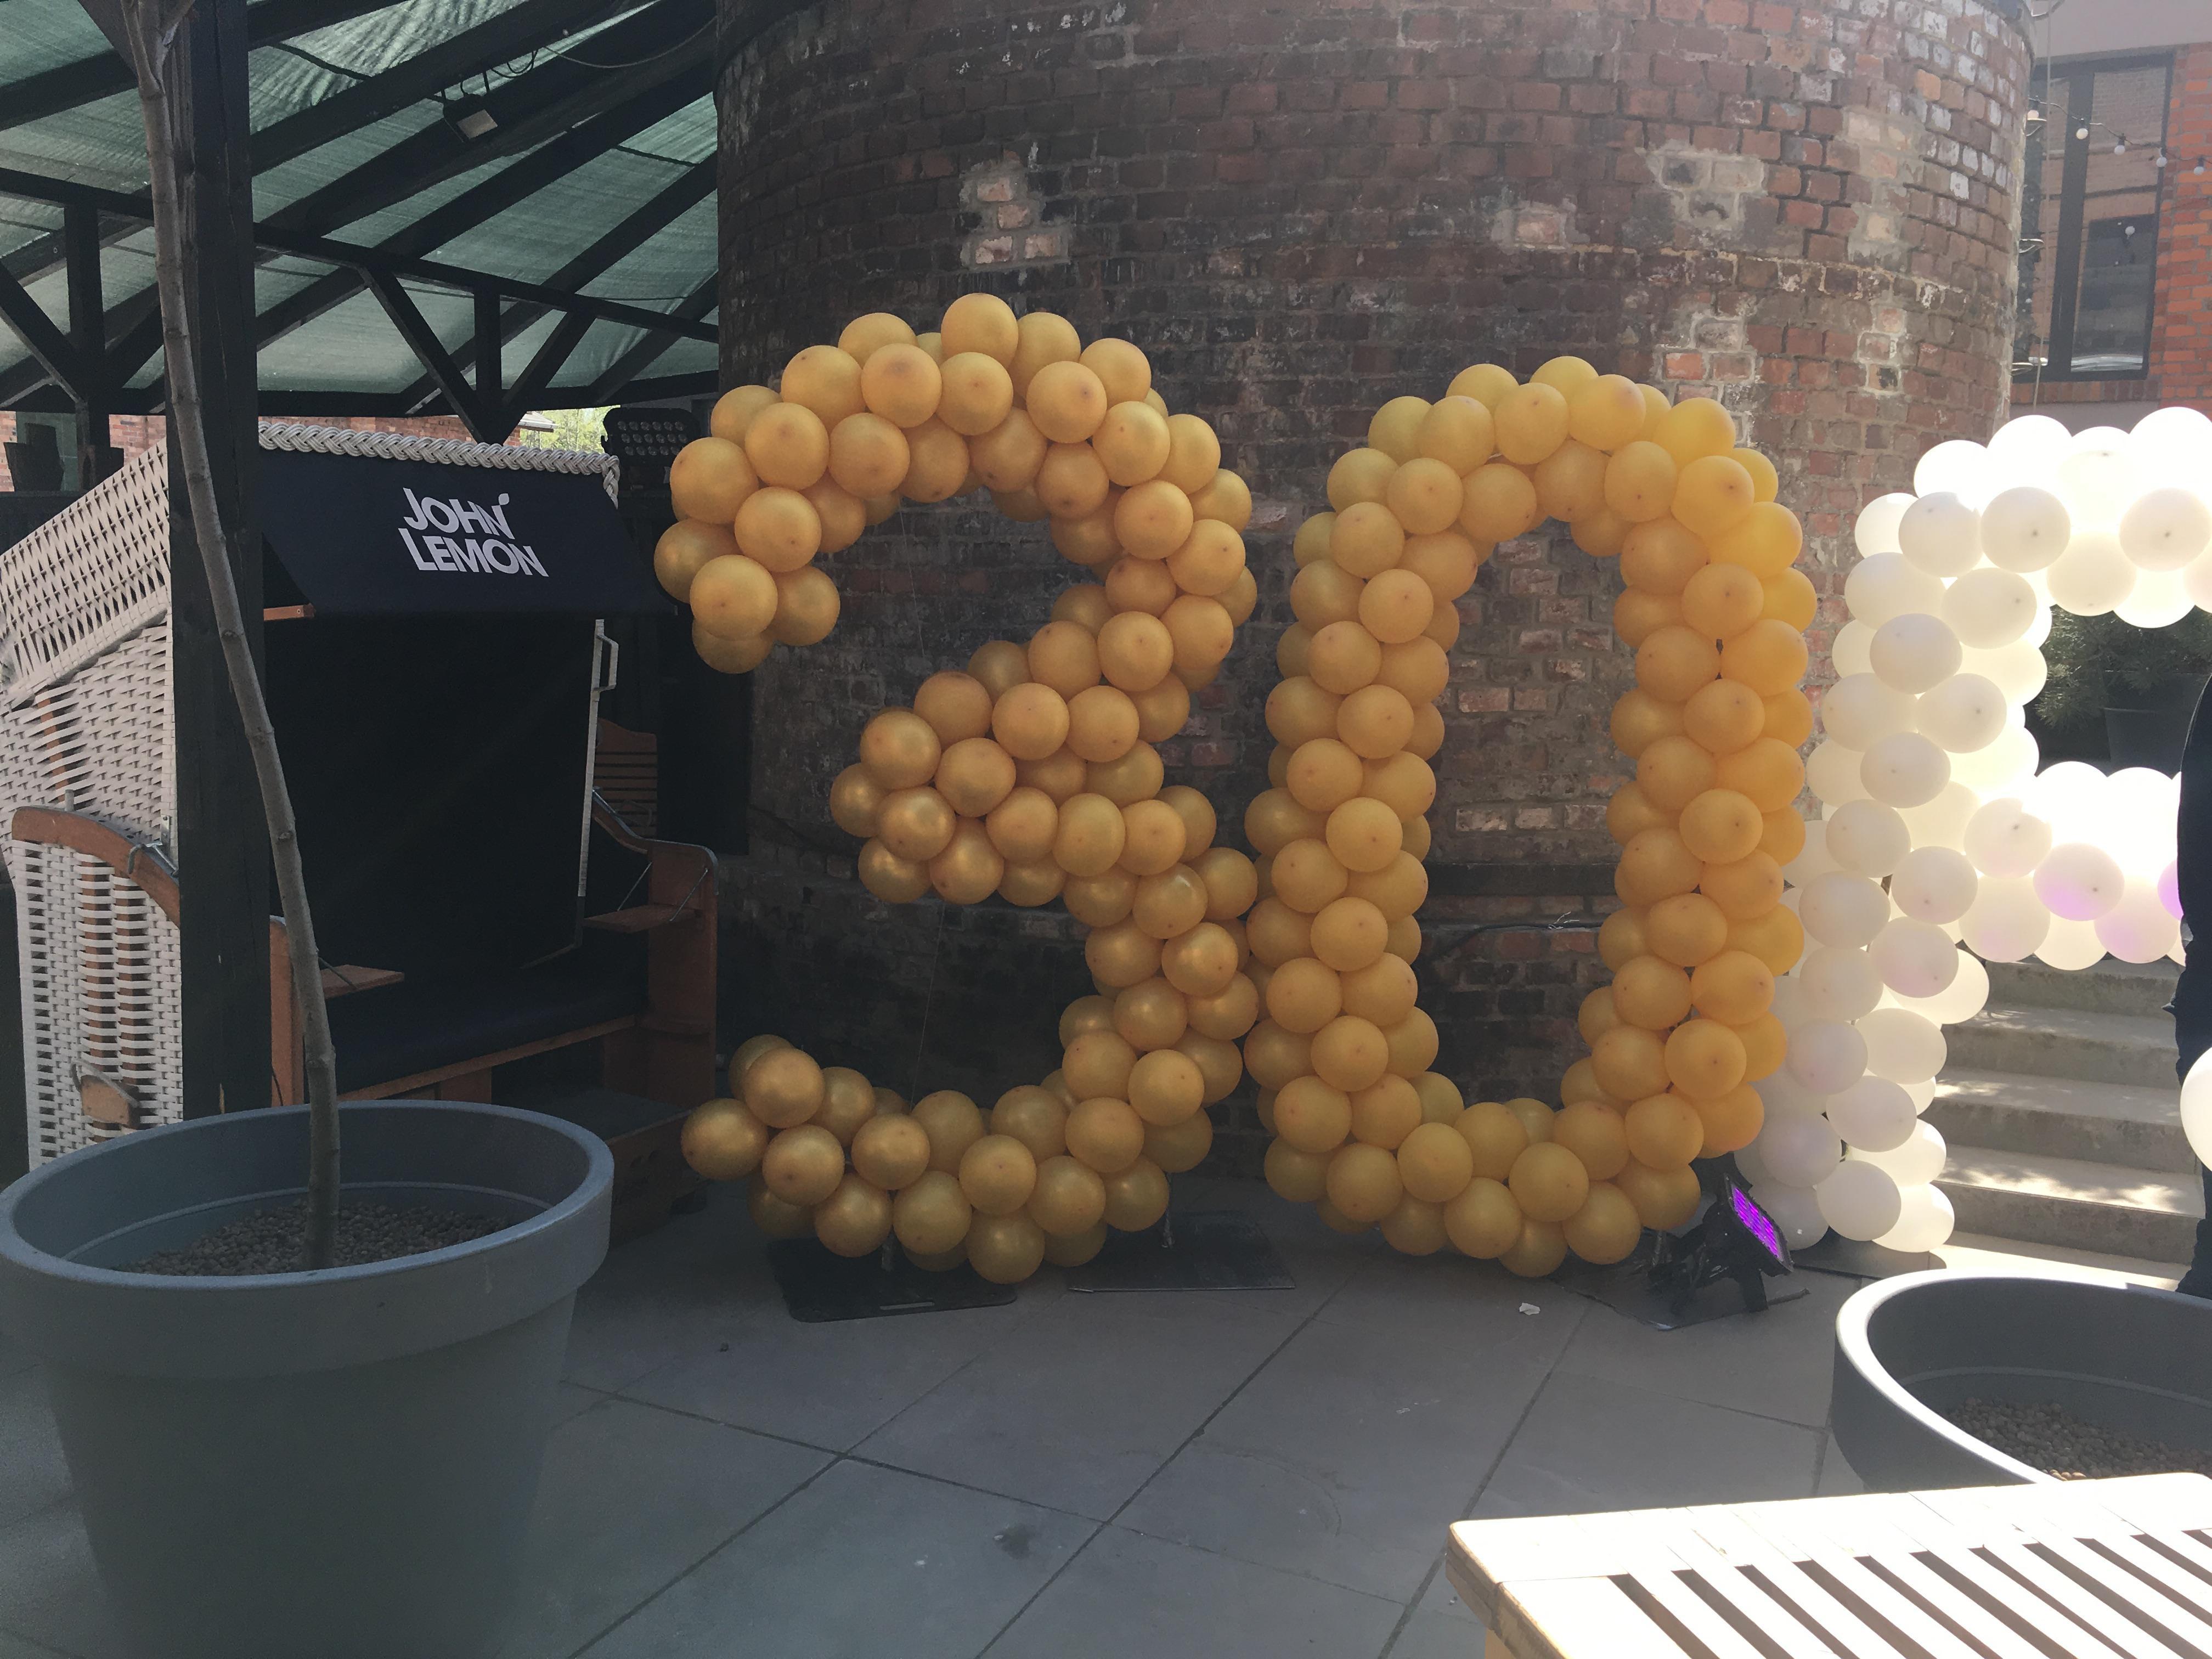 Dekoracja Balonowa Na 30 Urodziny Dekoracje Balonowe Katowice